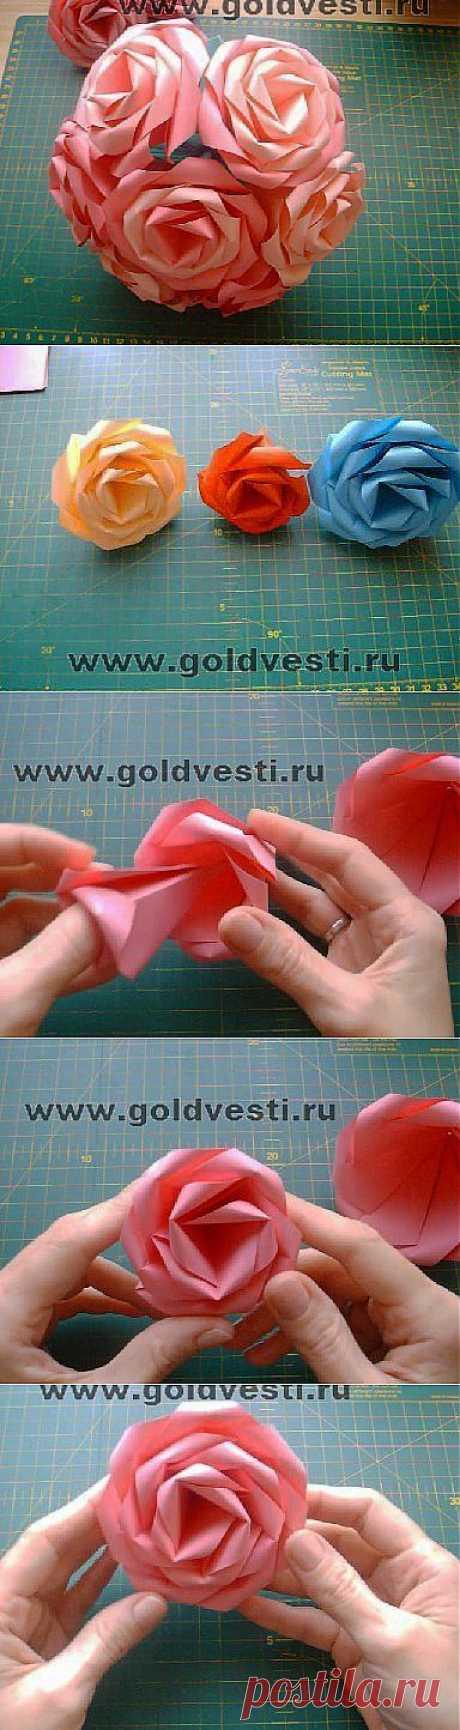 Как просто сделать из бумаги розу оригами